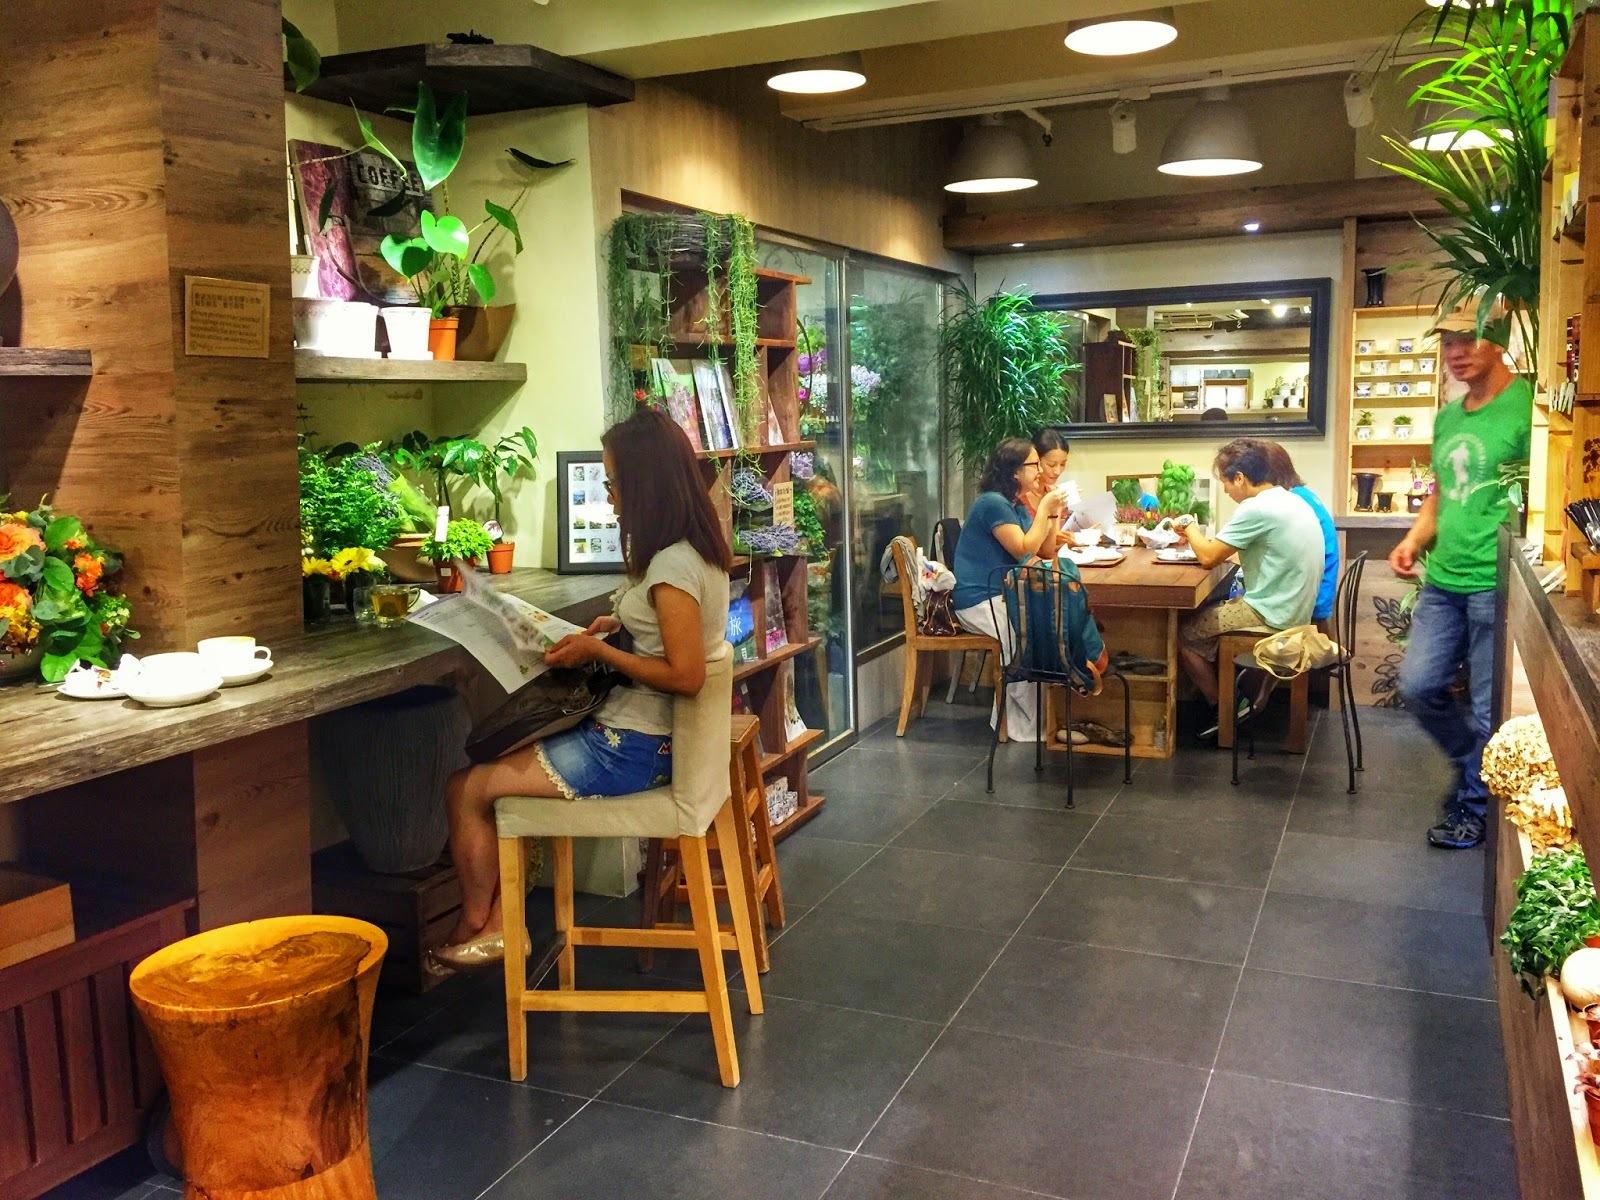 Cafe Hay Fever